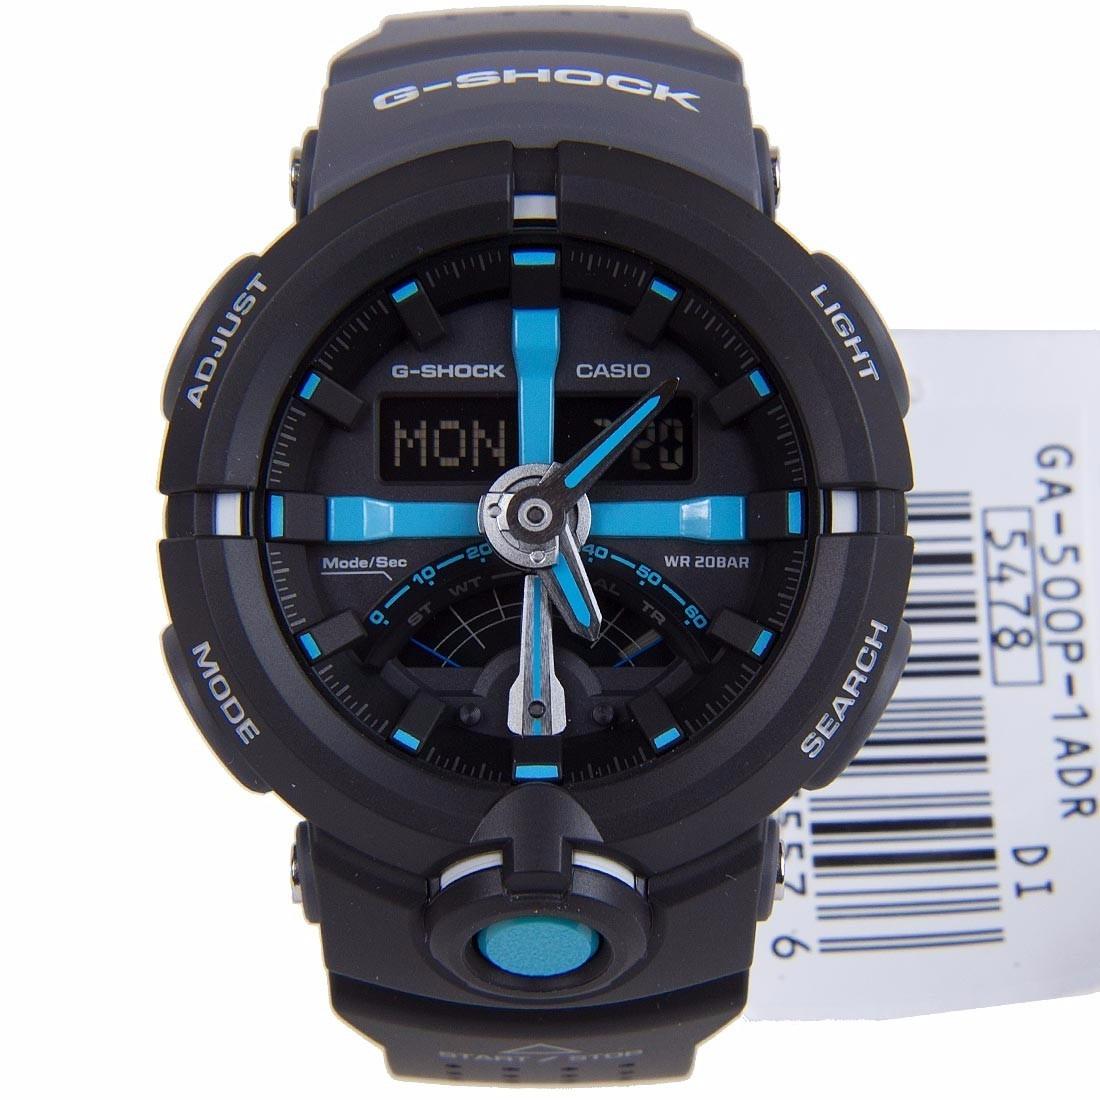 7625e2ca9bc Lançamento Relógio Casio G-shock Ga-500p-1a Garantia 2 Anos - R  629 ...